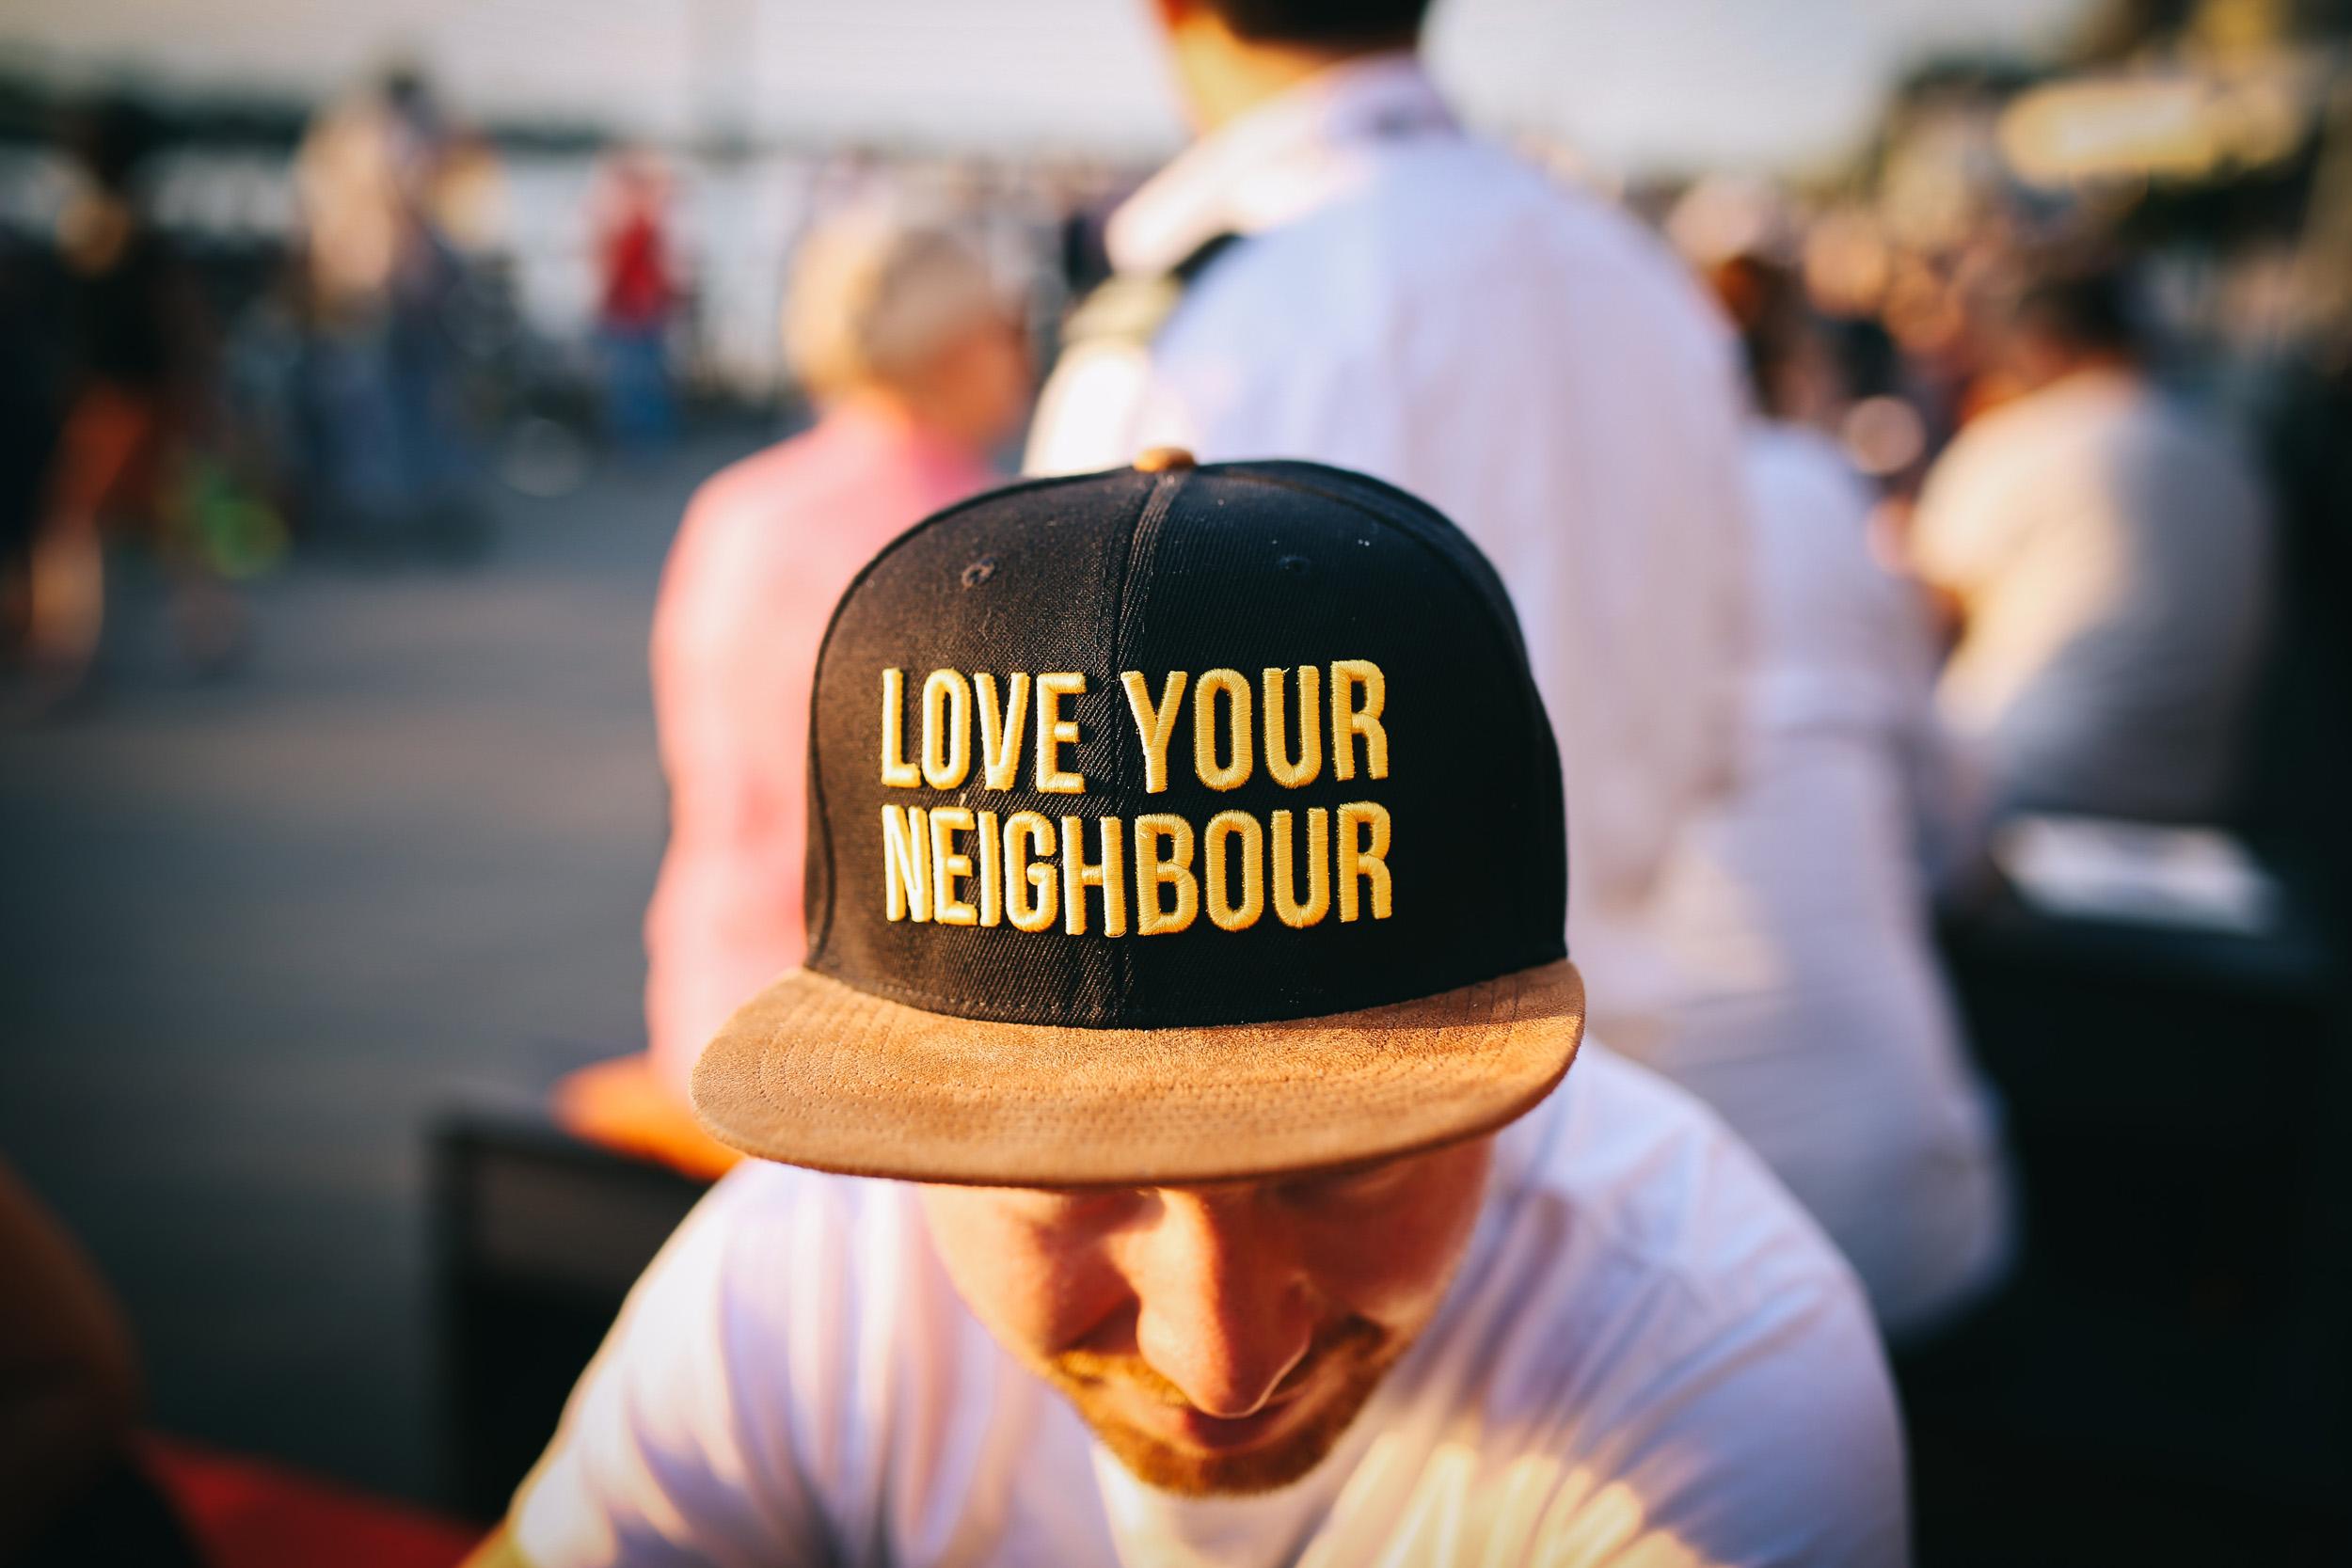 """Kappe auf dem Kopf eines jungen Mannes, auf der """"Love Your Neighbor"""" steht"""